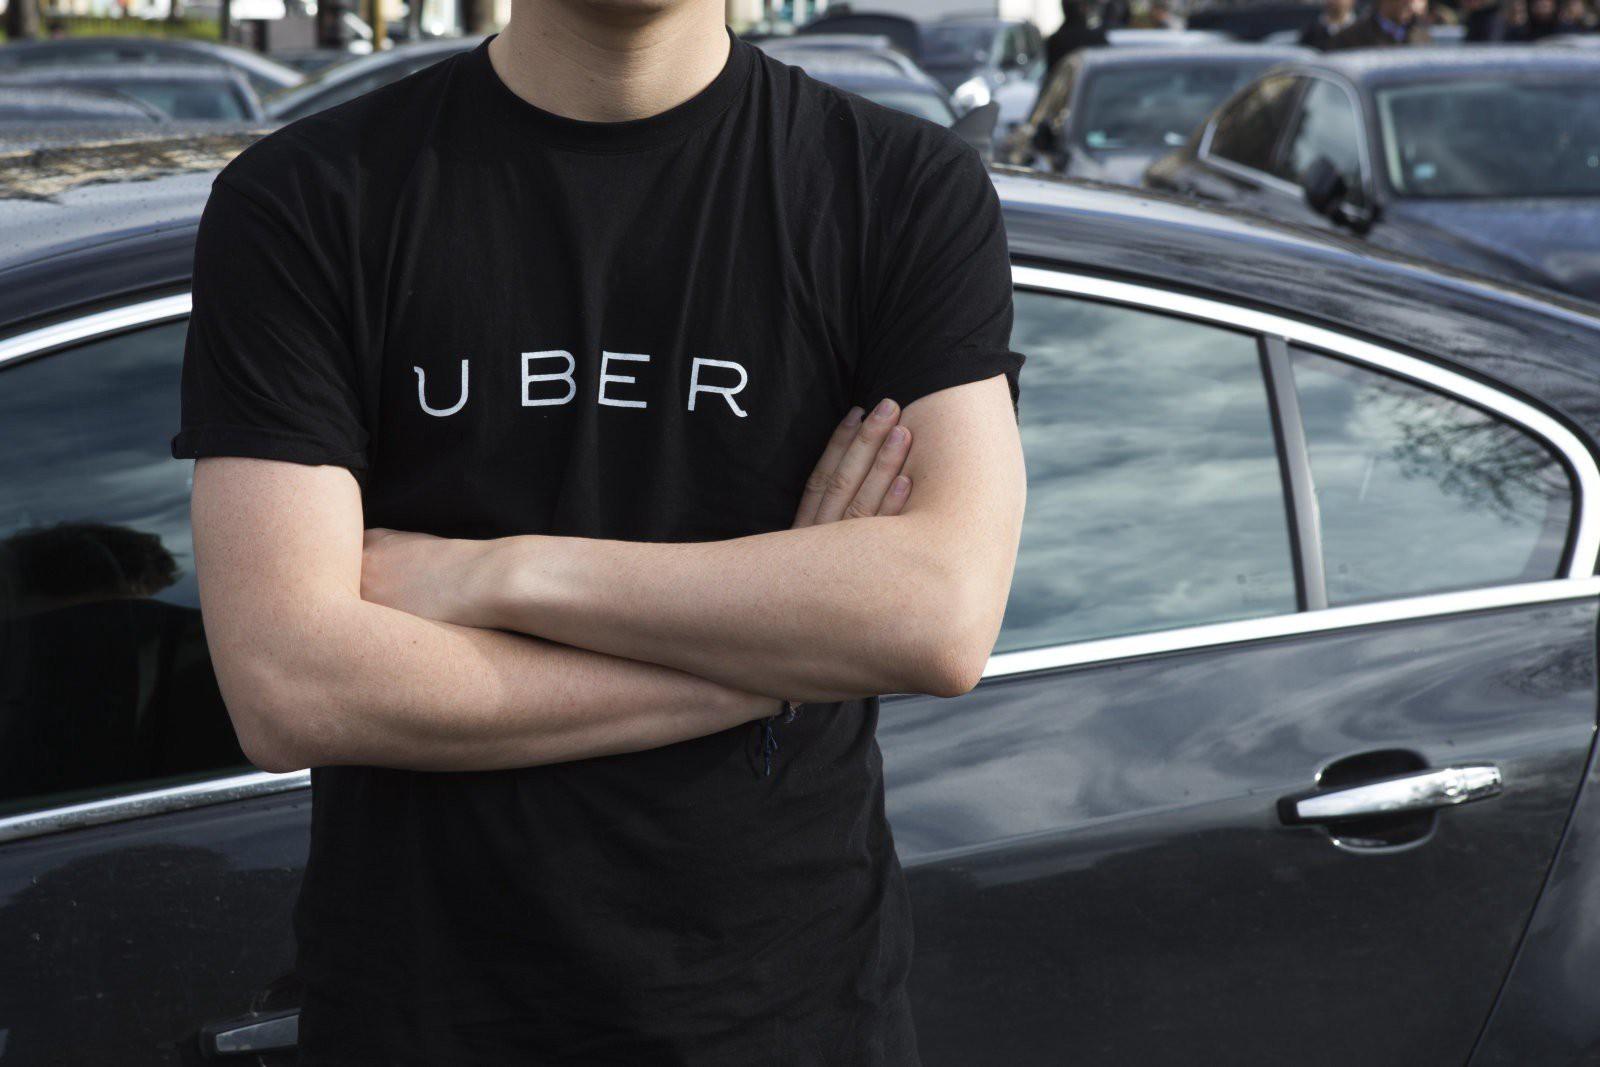 Dịch vụ im lặng là vàng cho tài xế Uber mồm mép tép nhảy: Muốn im lặng phải xì thêm tiền ra! - Ảnh 1.